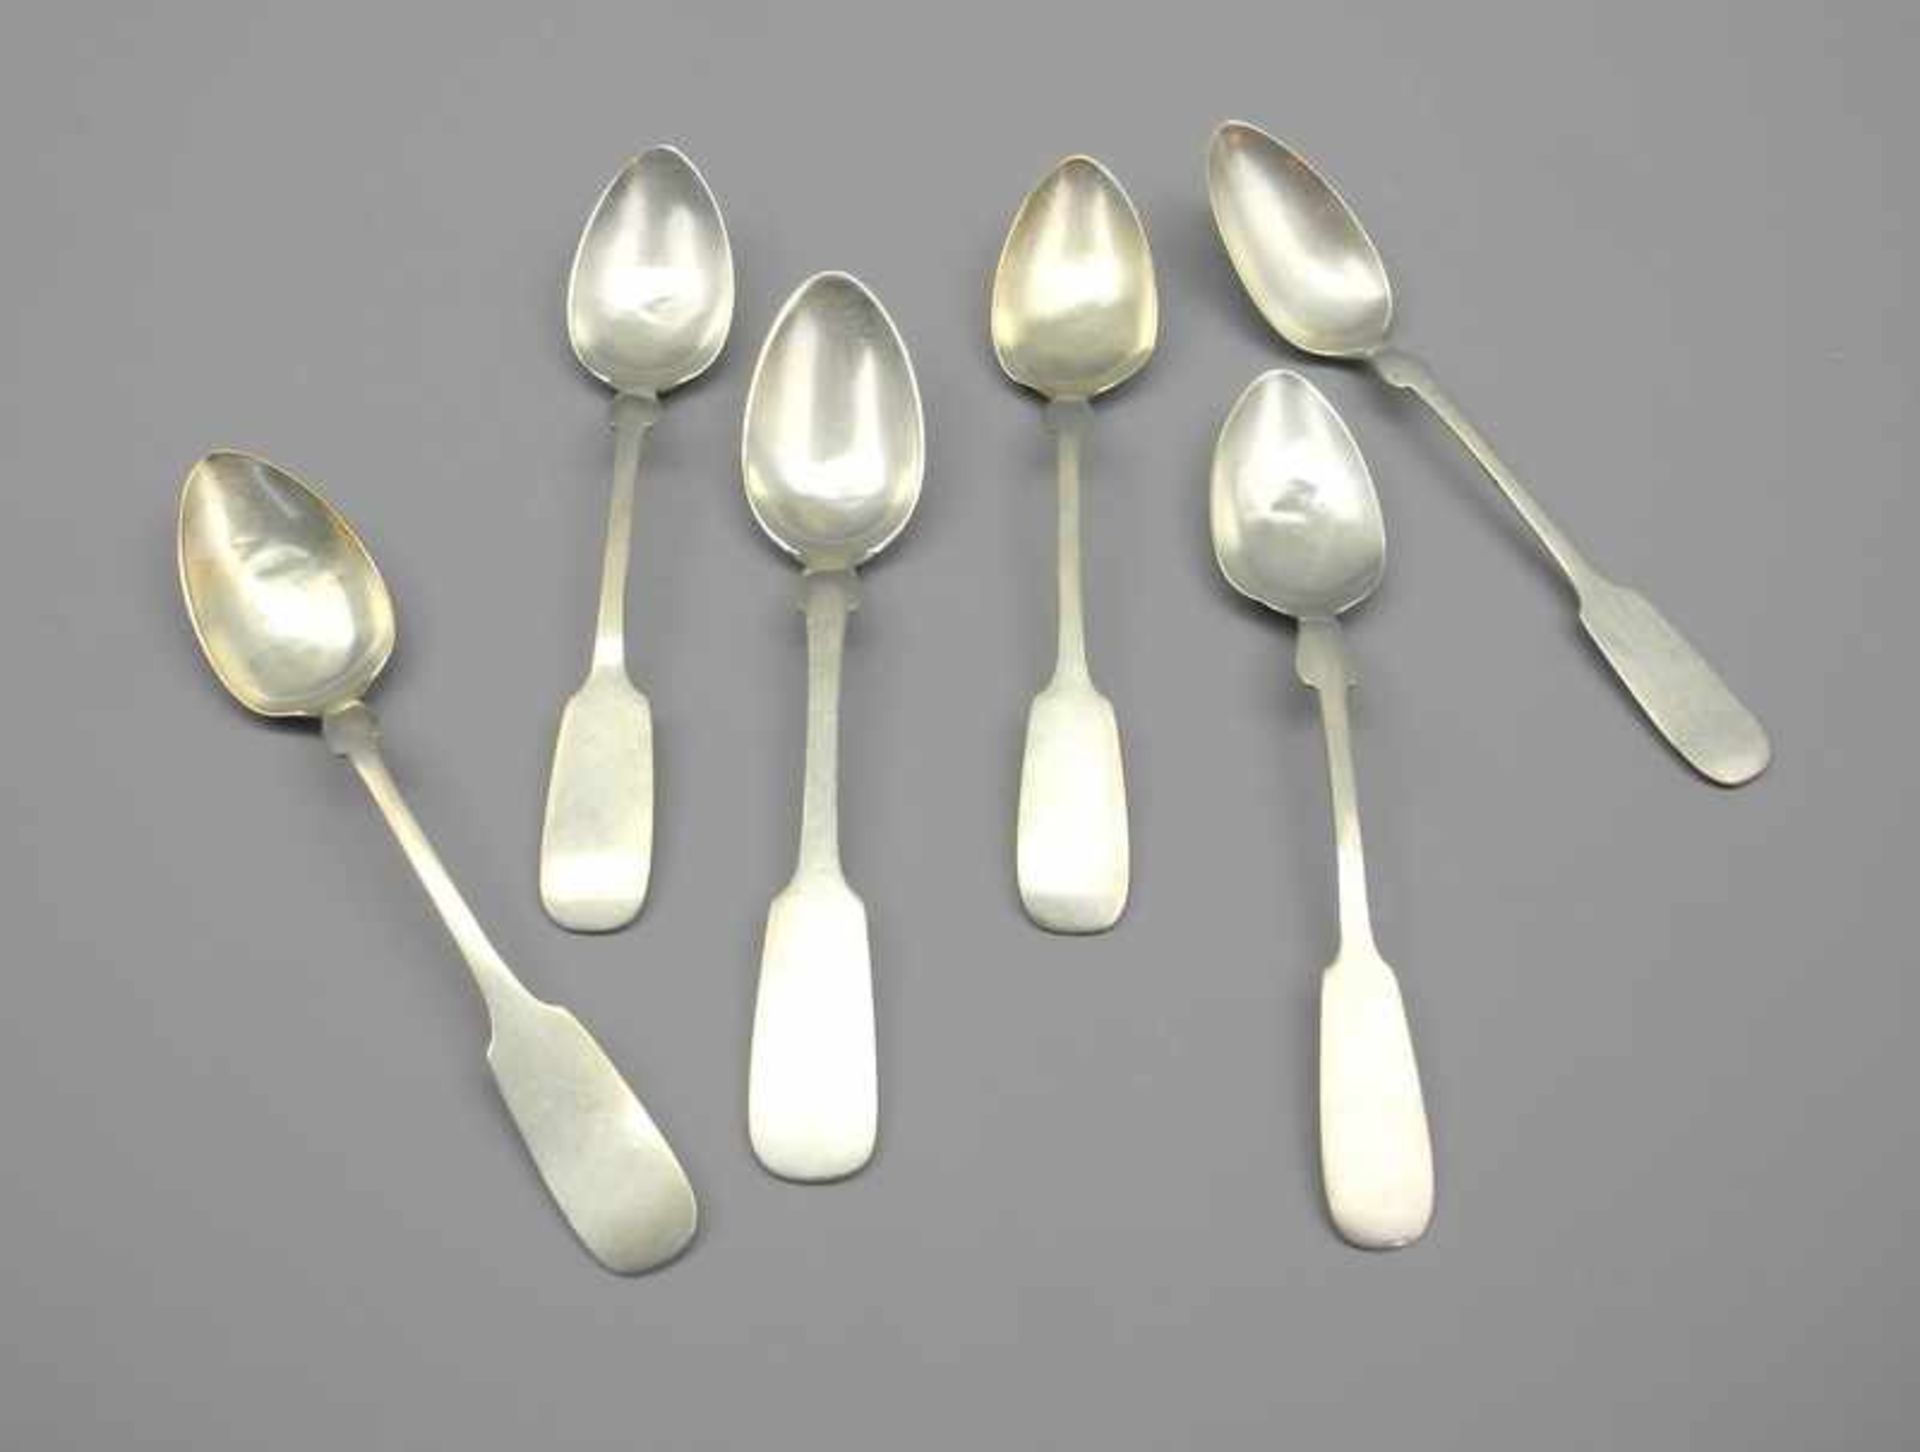 Los 15 - 6 Silber-KaffeelöffelSilber 800, rückseitig am Stiel mit Halbmond und Krone, Feingehalt sowie